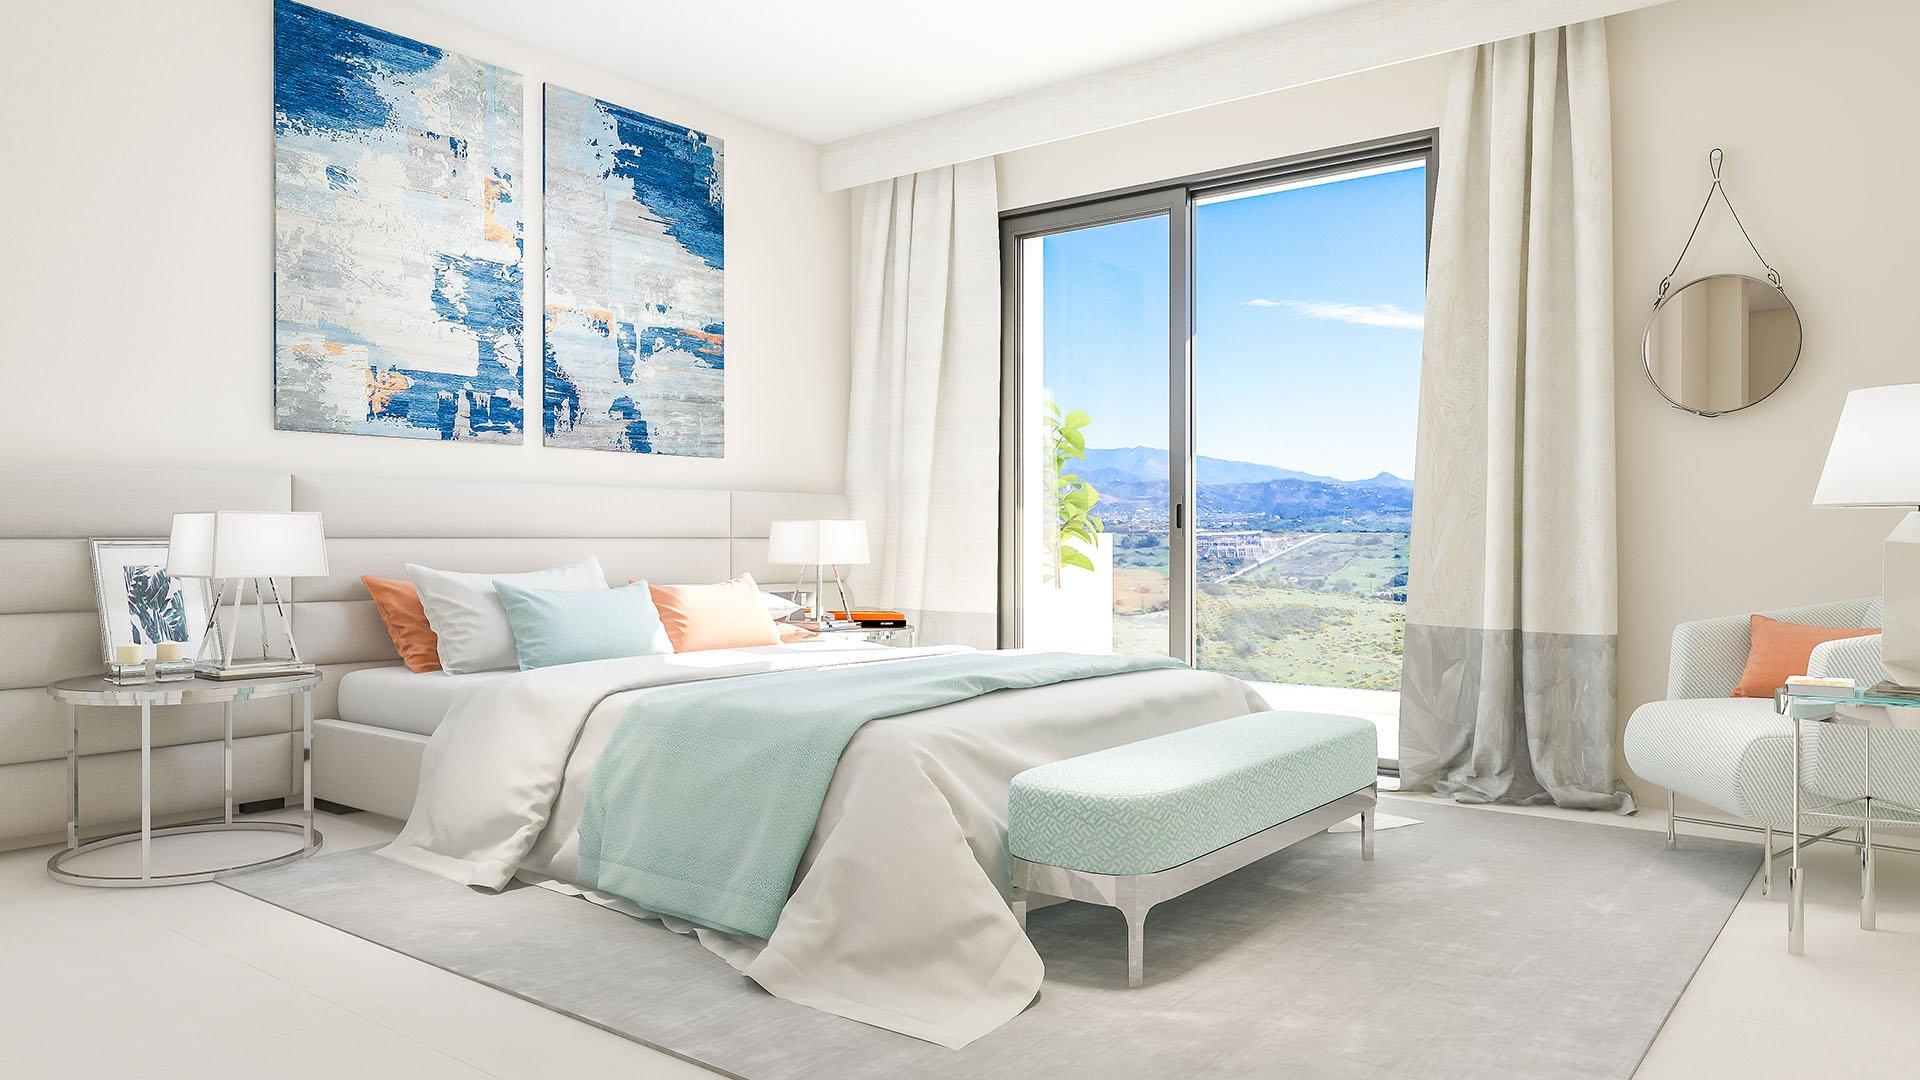 Las Terrazas de Cortesín Bon Air: Prachtige penthouses met verbluffend zicht op de zee en de bergen